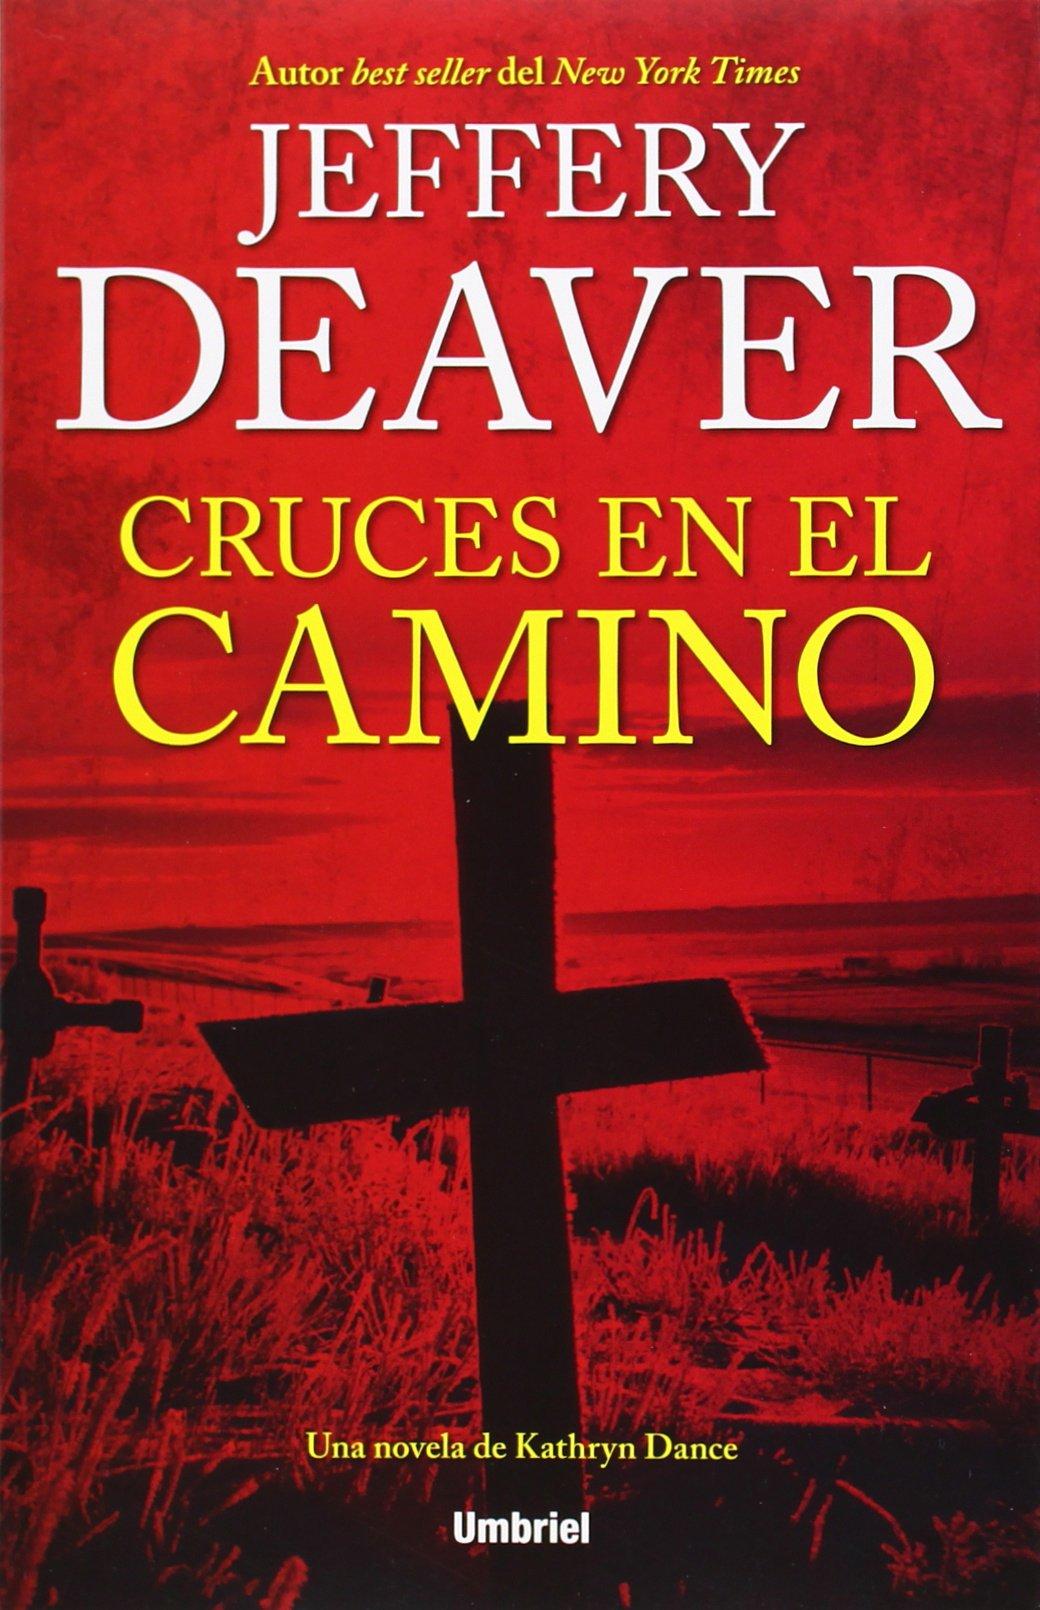 Cruces en el camino (Umbriel thriller): Amazon.es: Jeffery Deaver: Libros